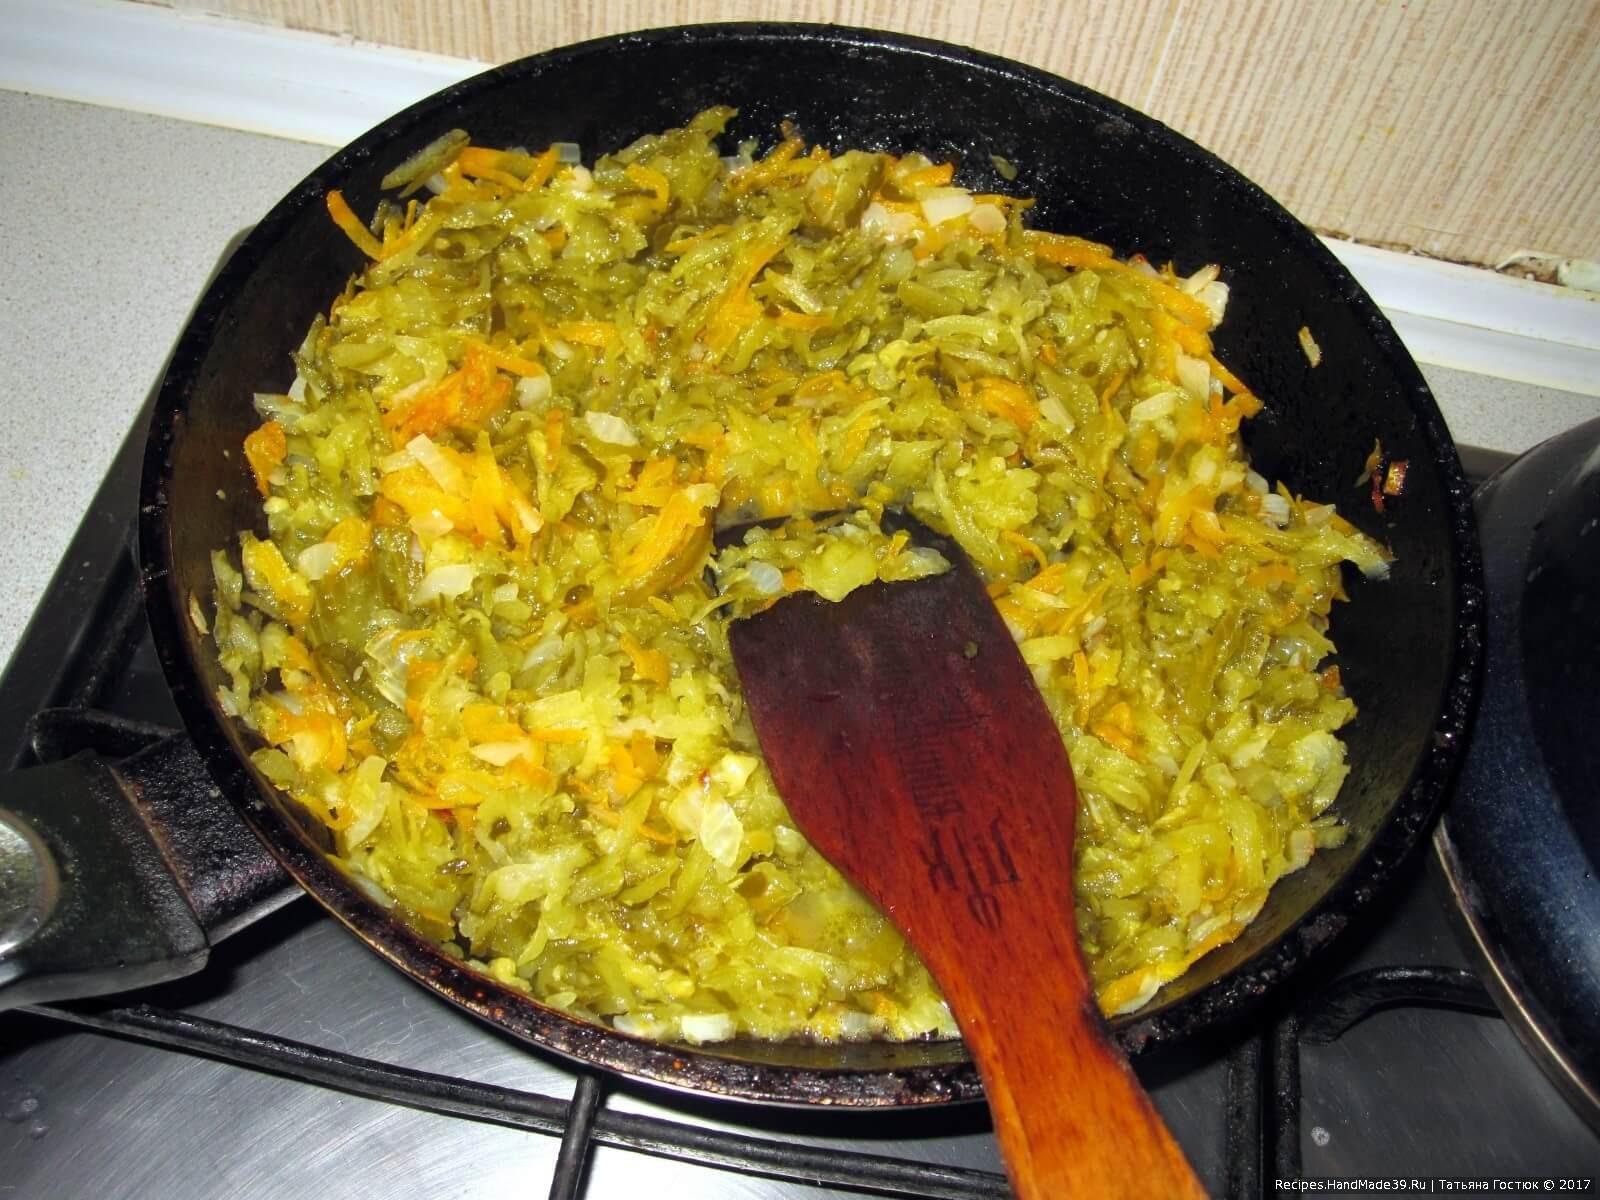 Добавляем к луку и морковке натёртые на крупной тёрке кислые огурцы, тушим под крышкой минут 15